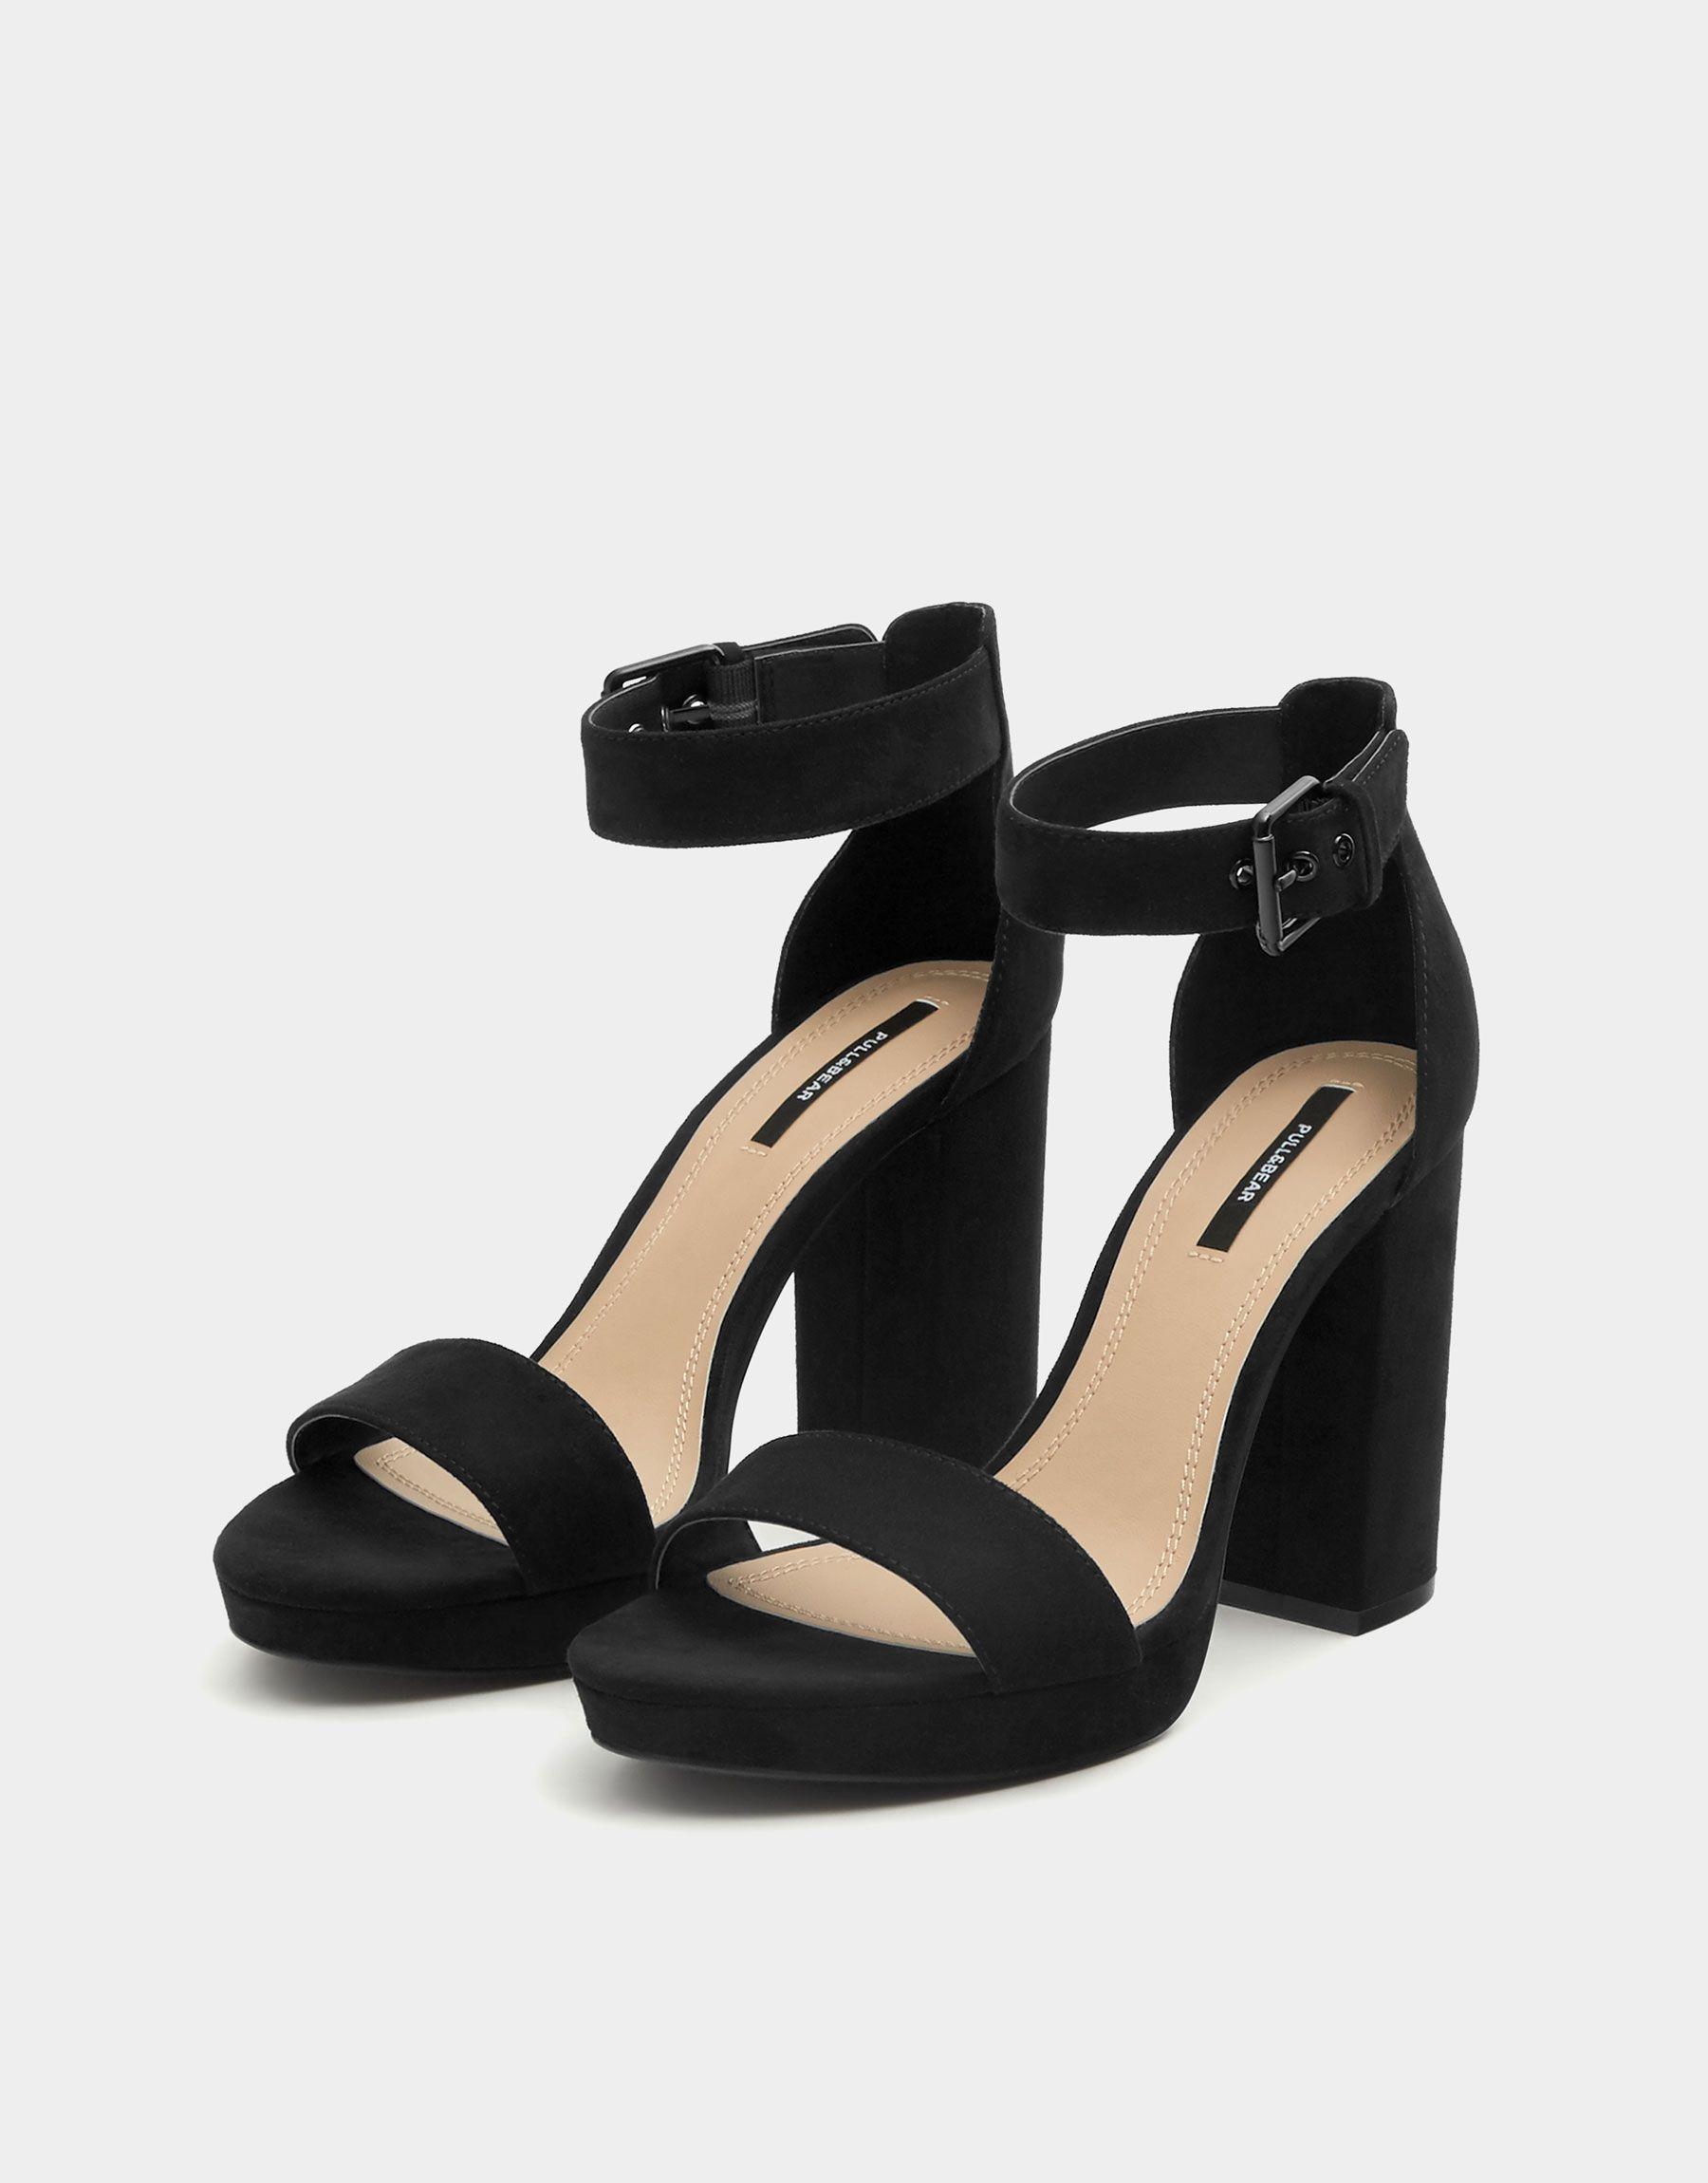 Sandales Spartiates Femme Chaussures En Daim Sandales À Talons Dentelle Marron Clair À Talons Plats Ouvert Uw5Yjp